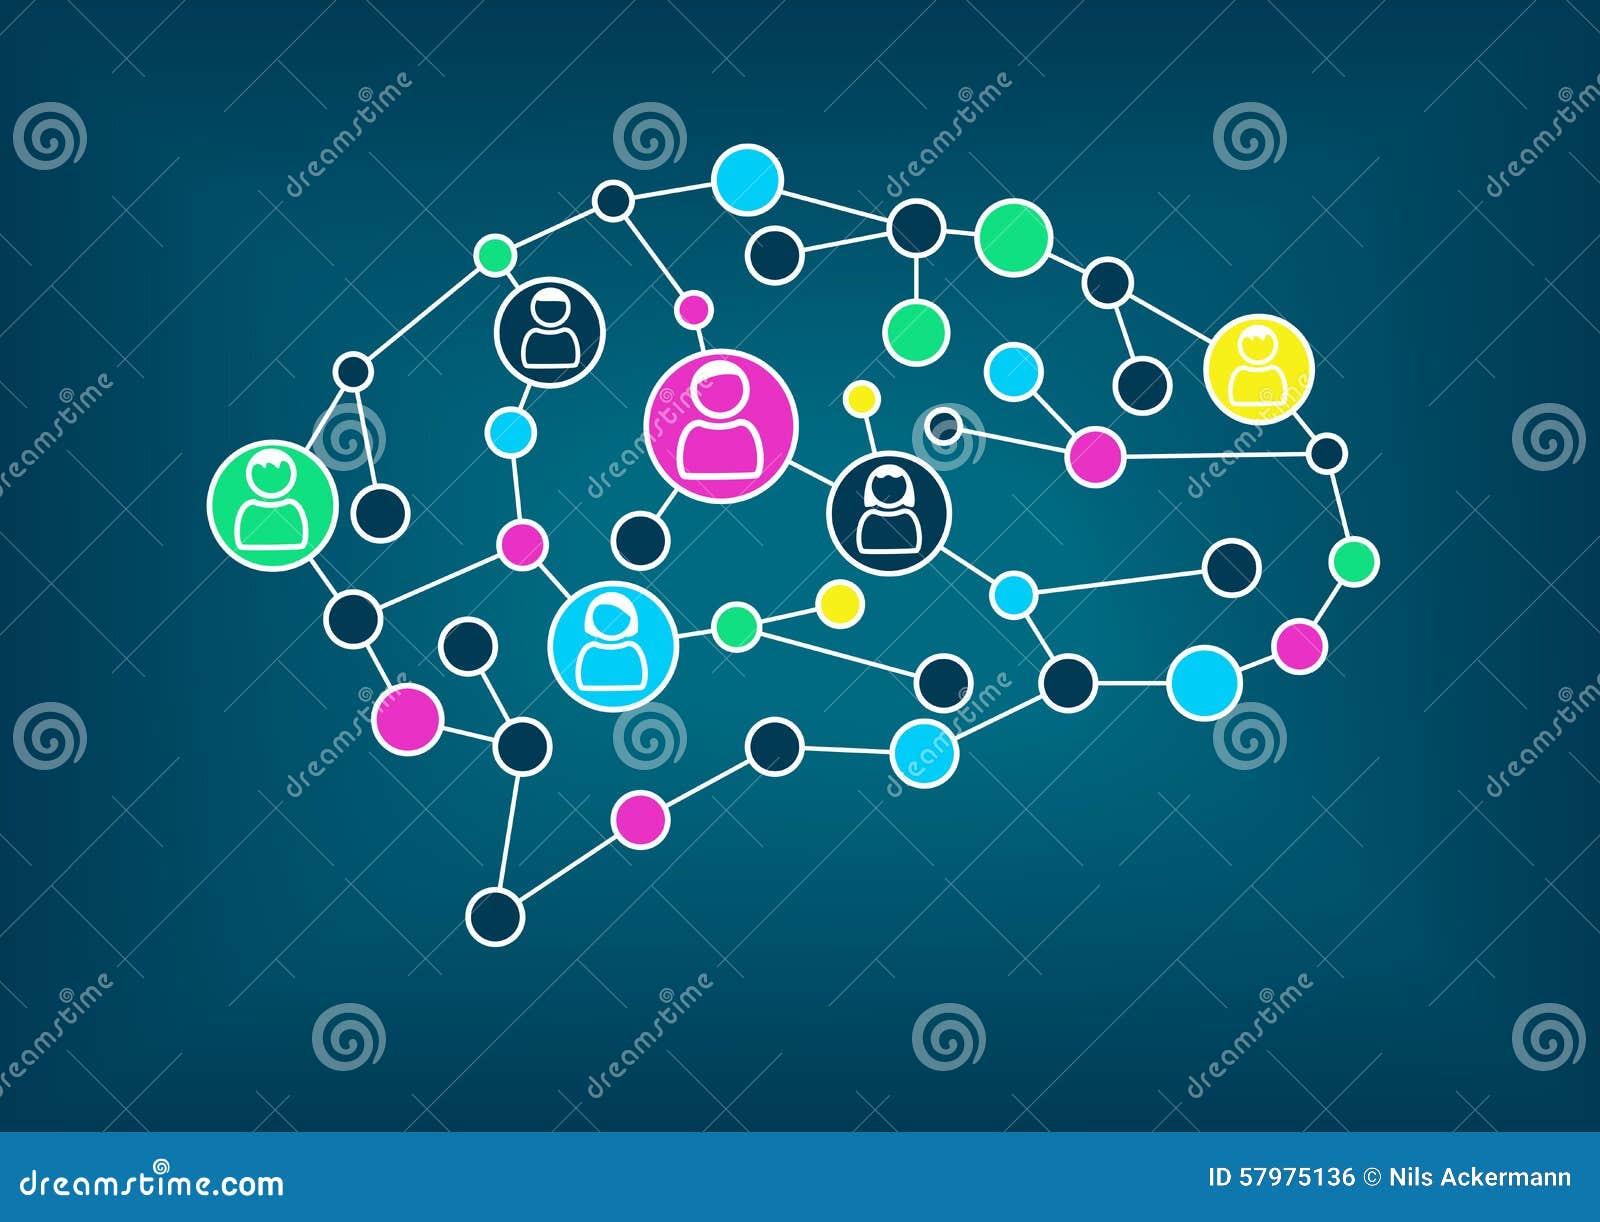 Ilustração do vetor do cérebro Conceito da conectividade, aprendizagem de máquina, inteligência artificial